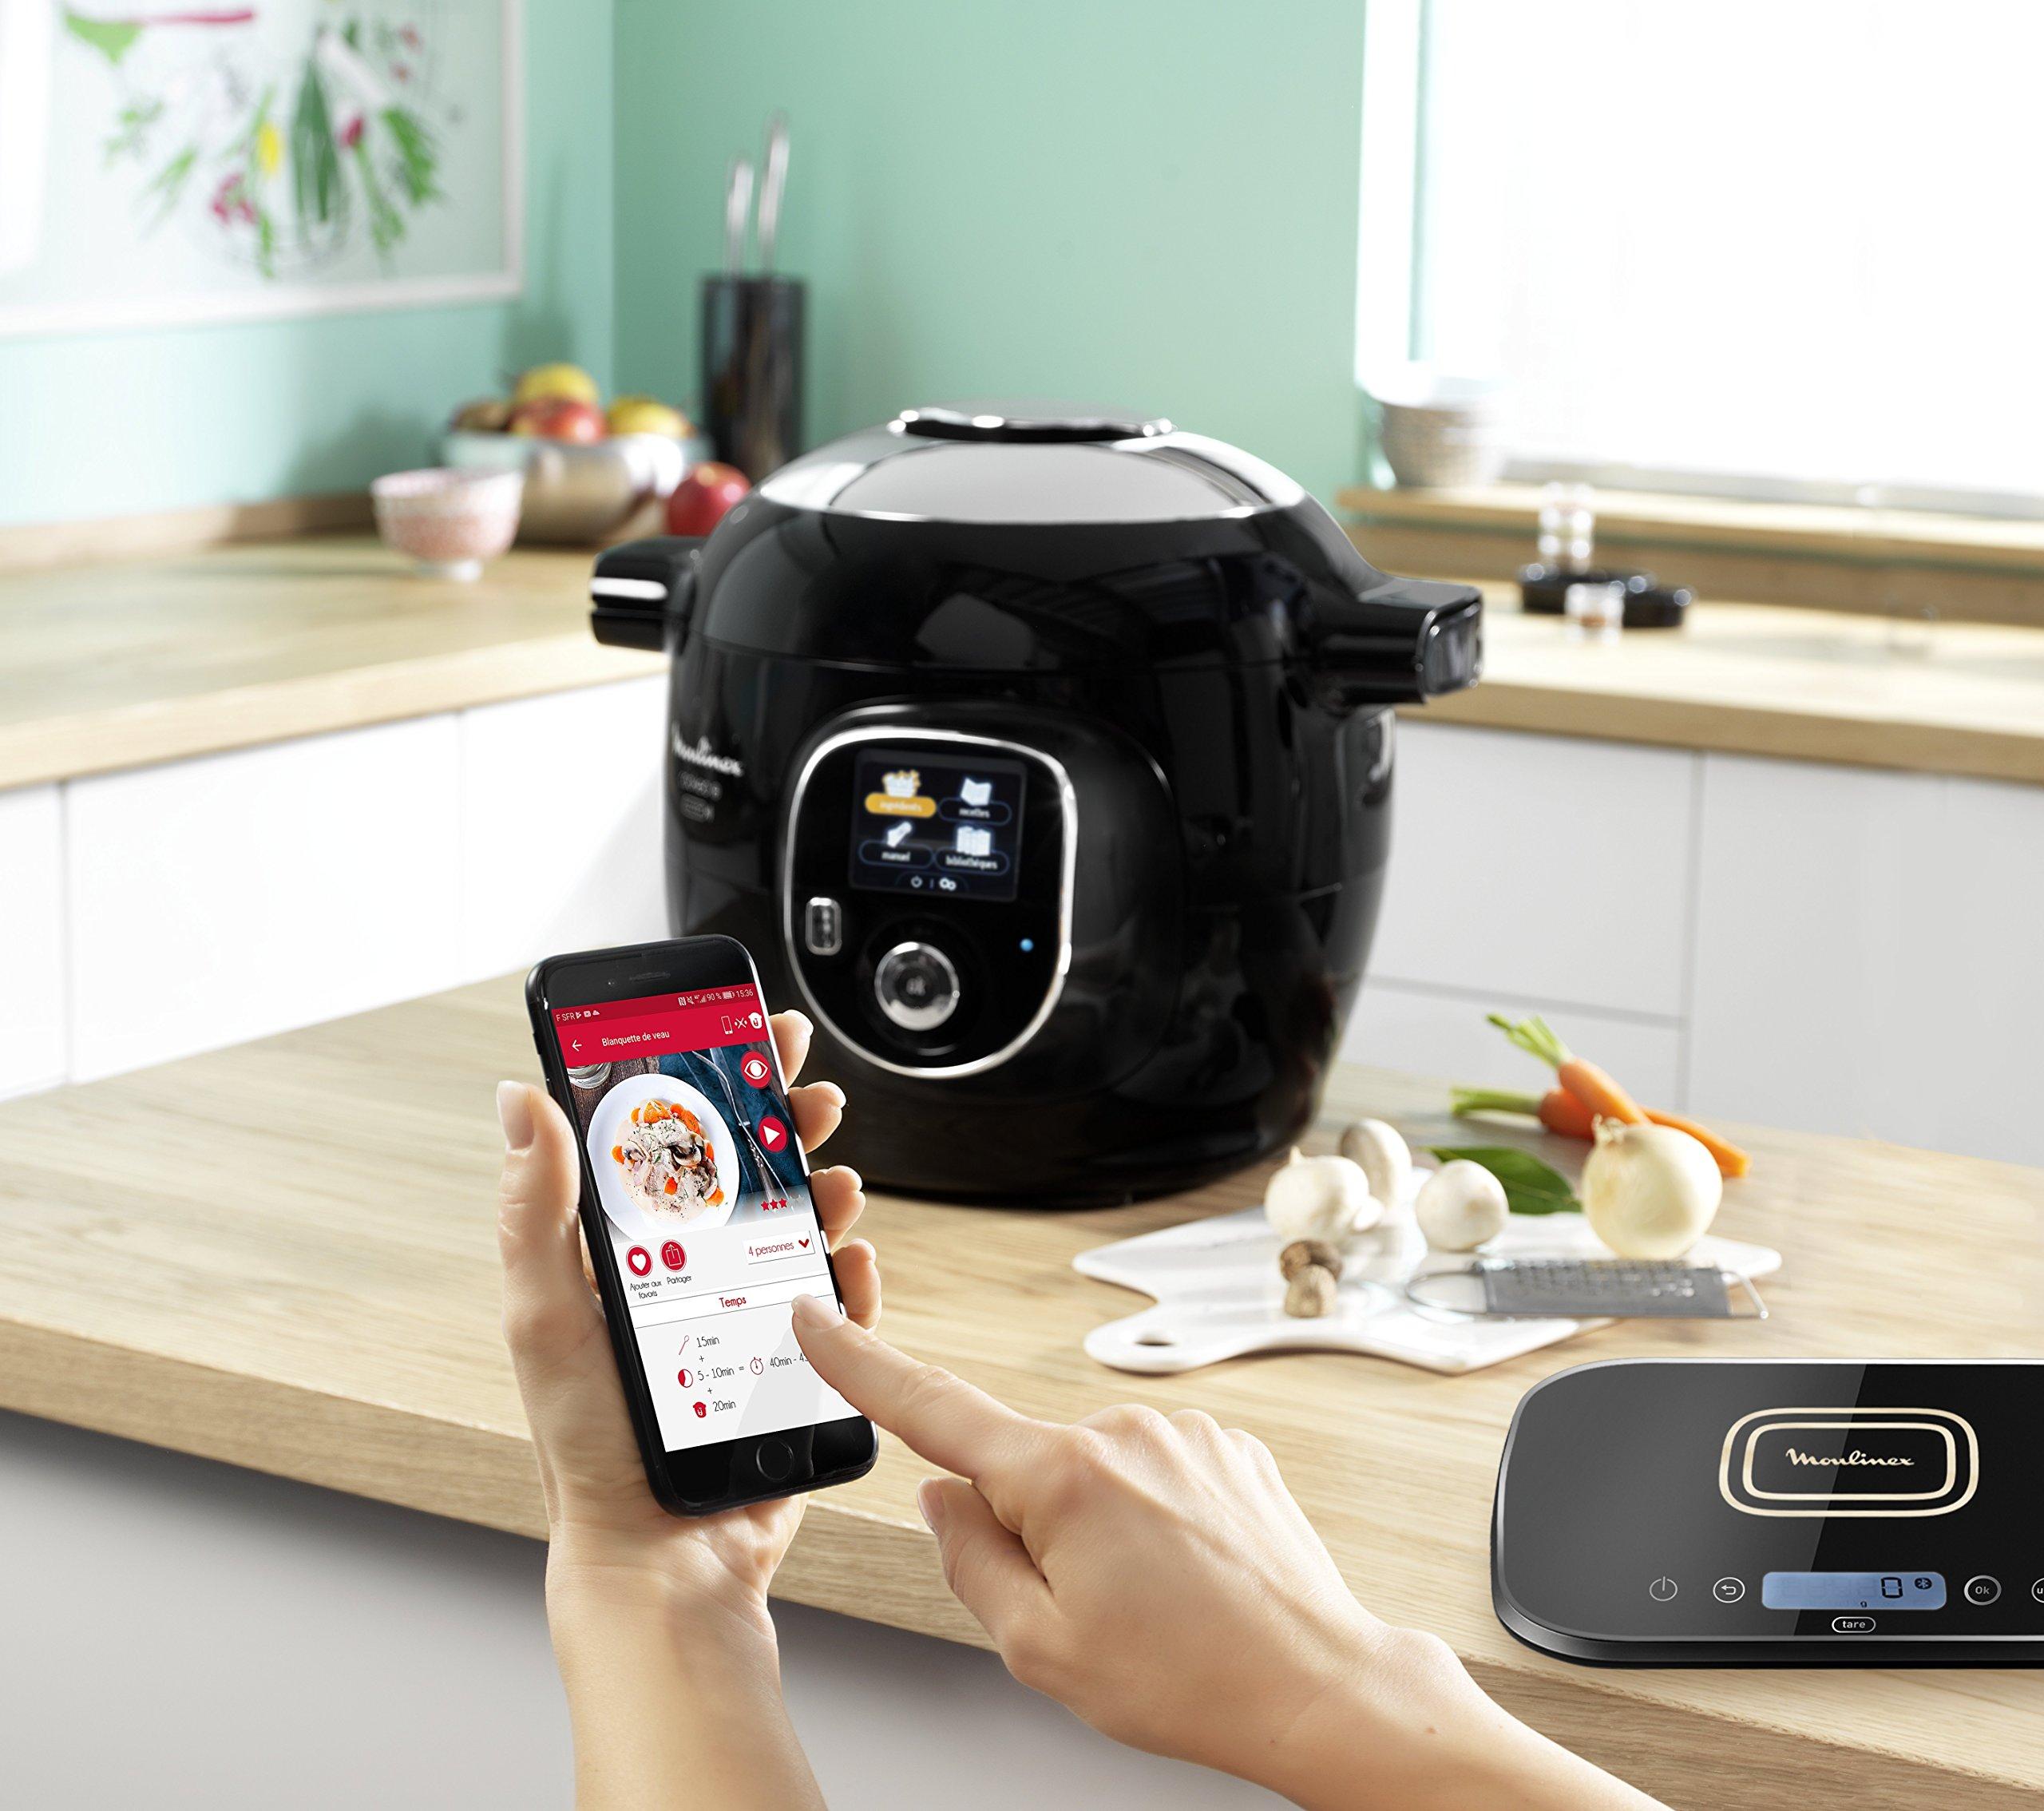 Moulinex CE856800 olla multi-cocción - Ollas multi-cocción: Amazon.es: Hogar